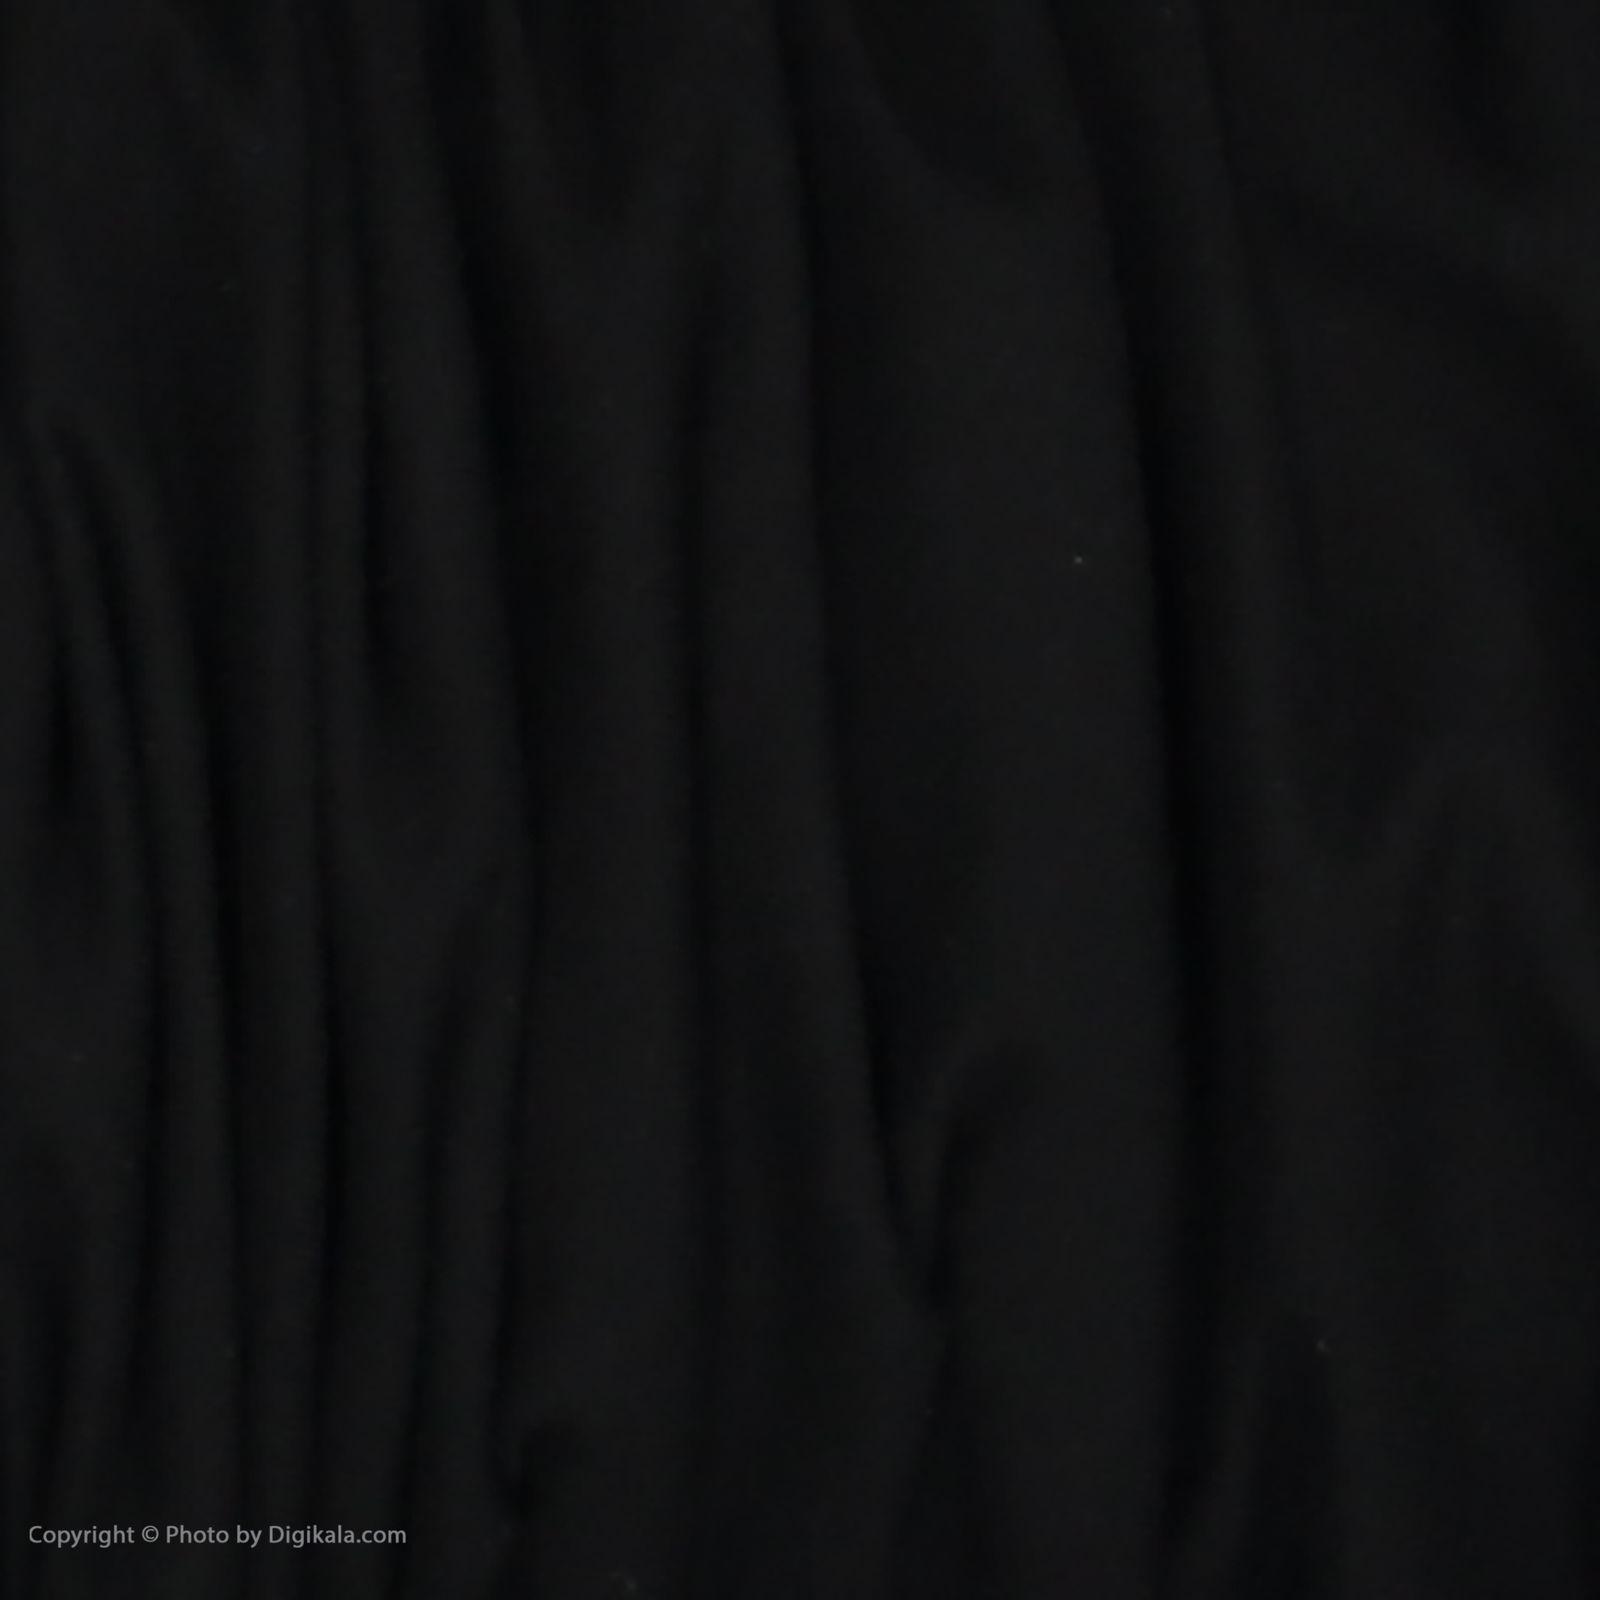 شلوار ورزشی مردانه جامه پوش آرا مدل 4121009168-99 -  - 6